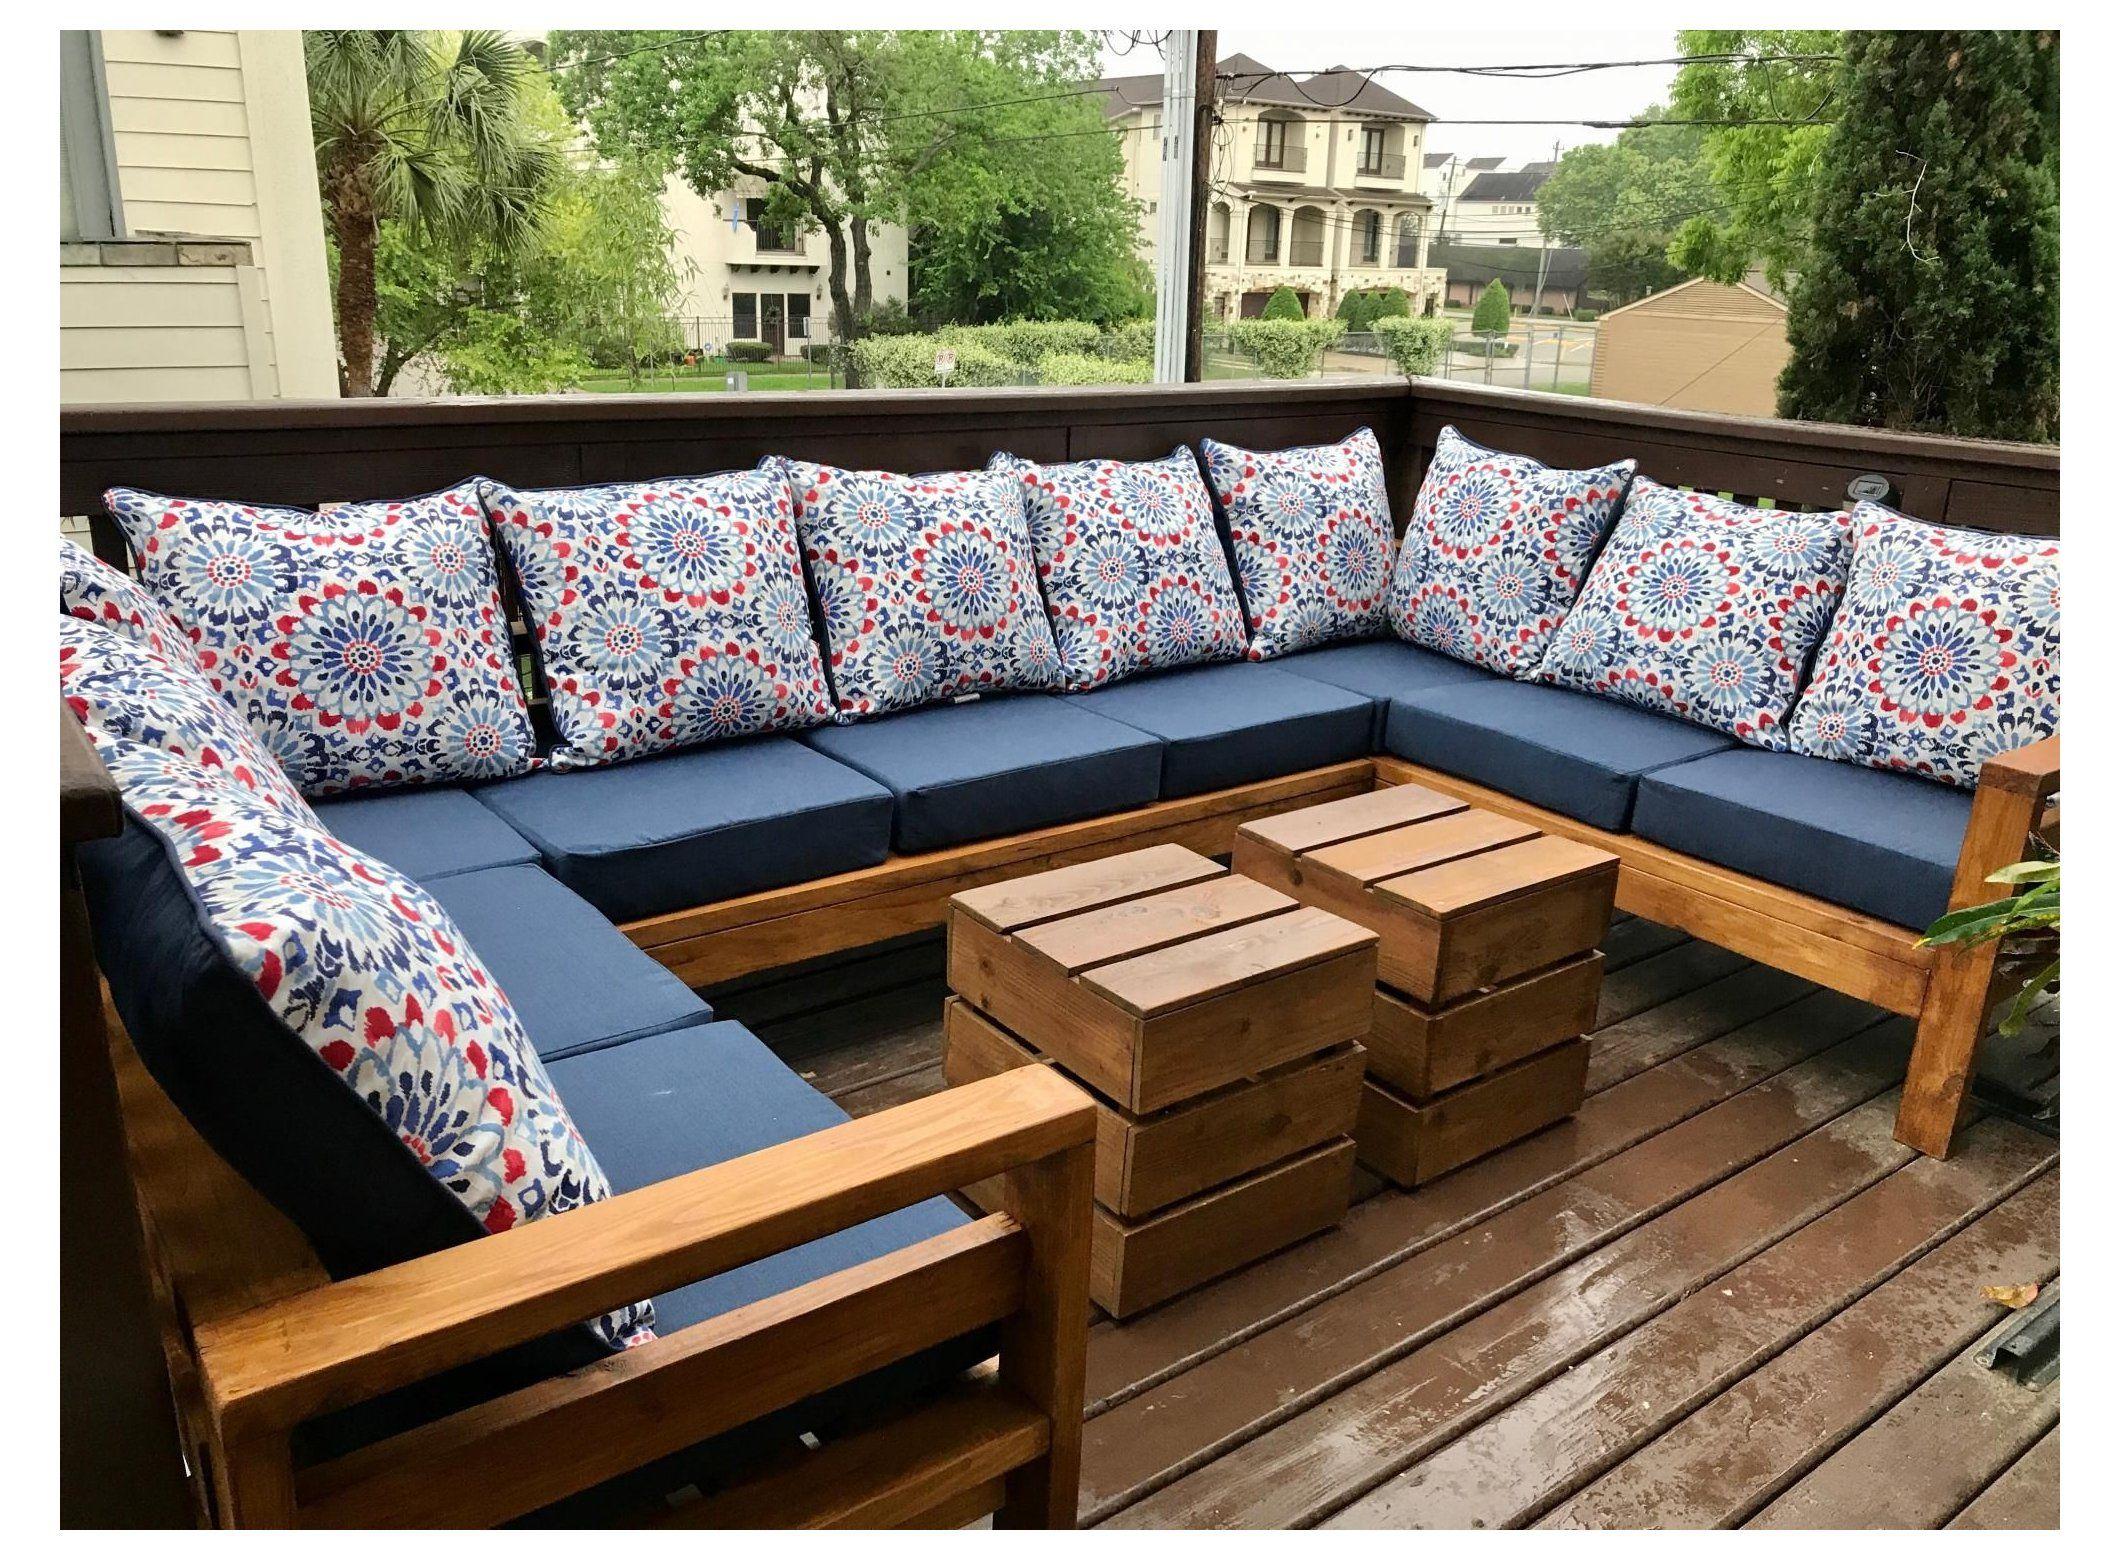 2x4 outdoor sectional sofa diy